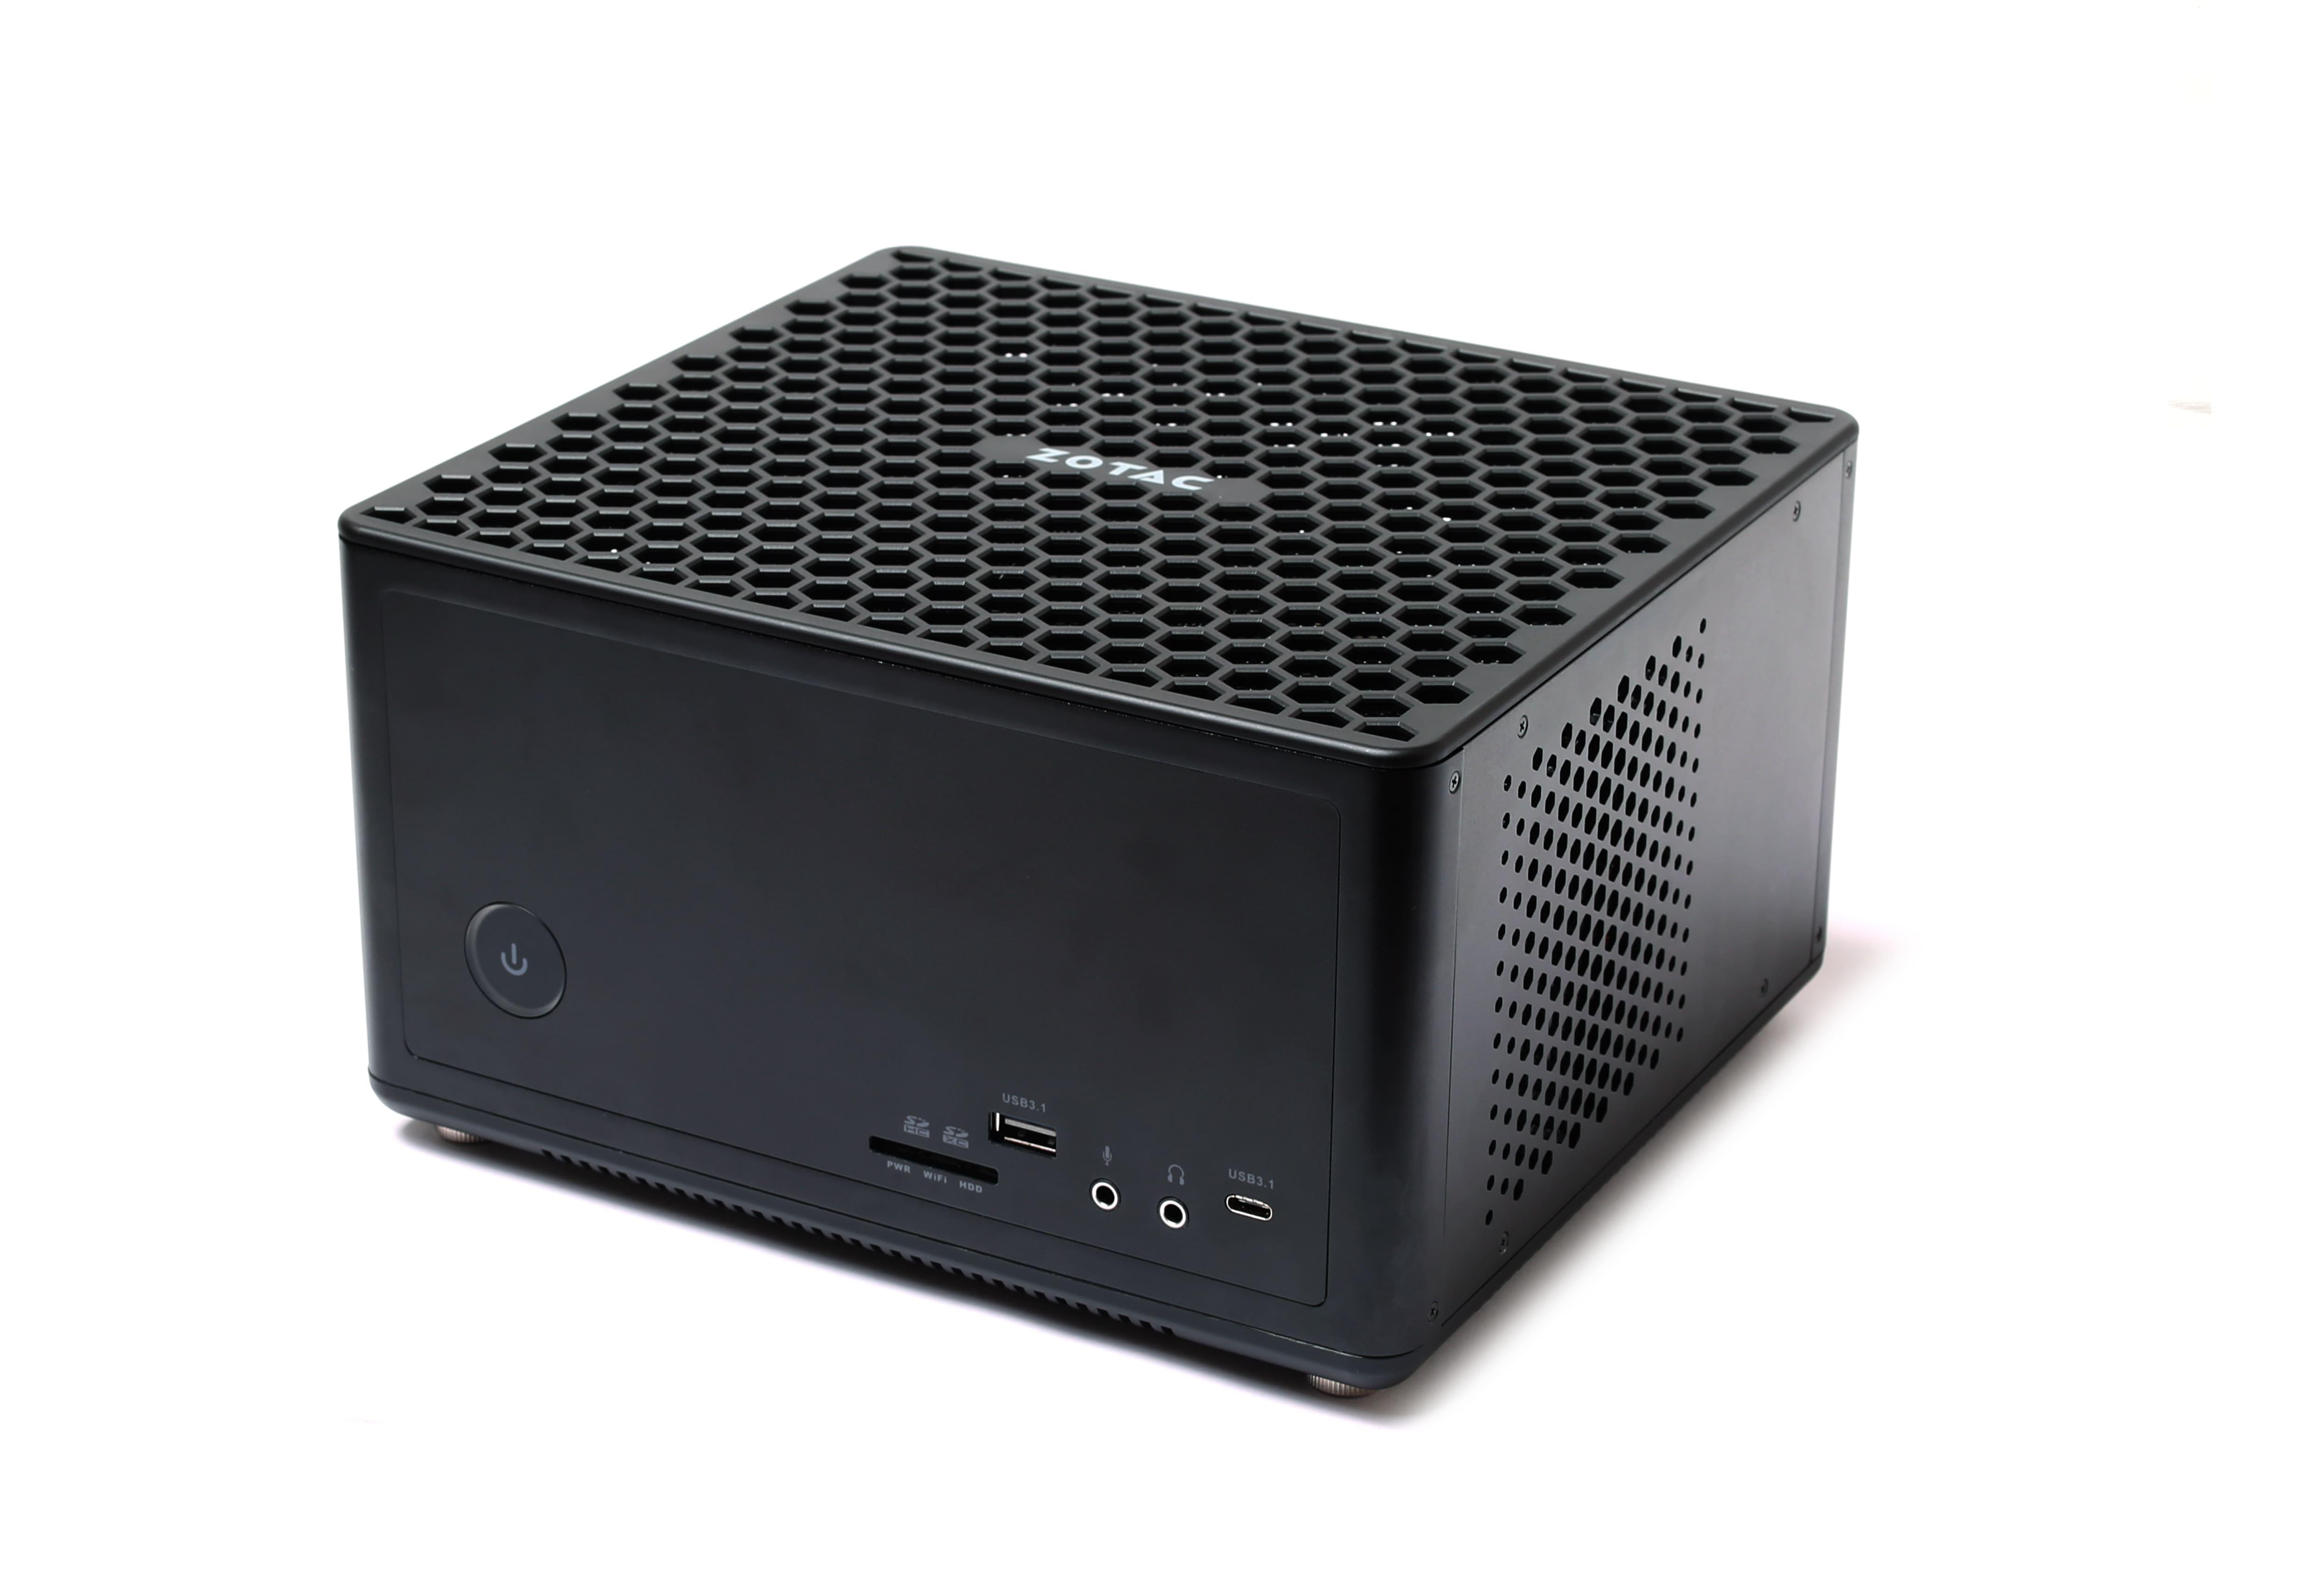 ZBOX-EC52070D-WINDOWS_image03